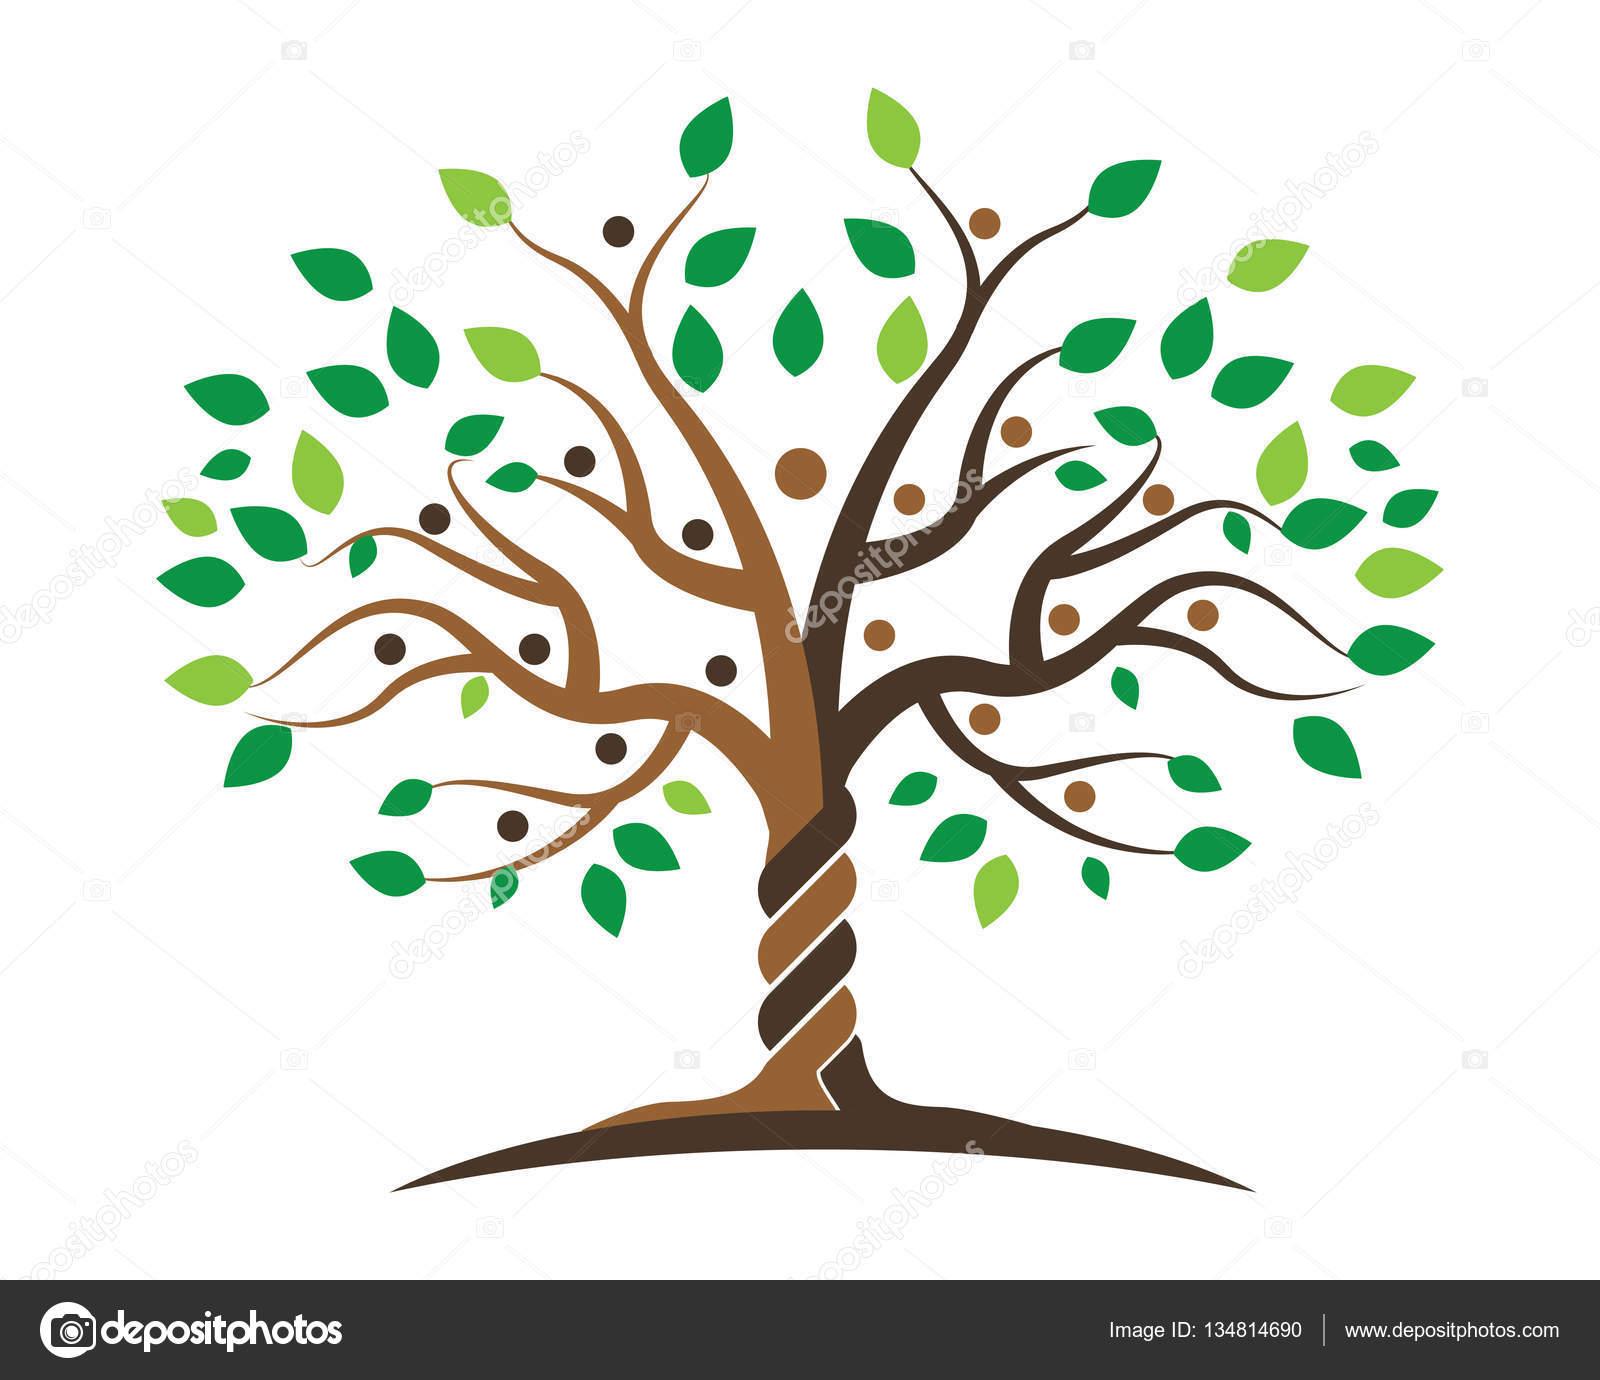 Rbol geneal gico plantilla de dise o de logo vector de - Diseno arbol genealogico ...